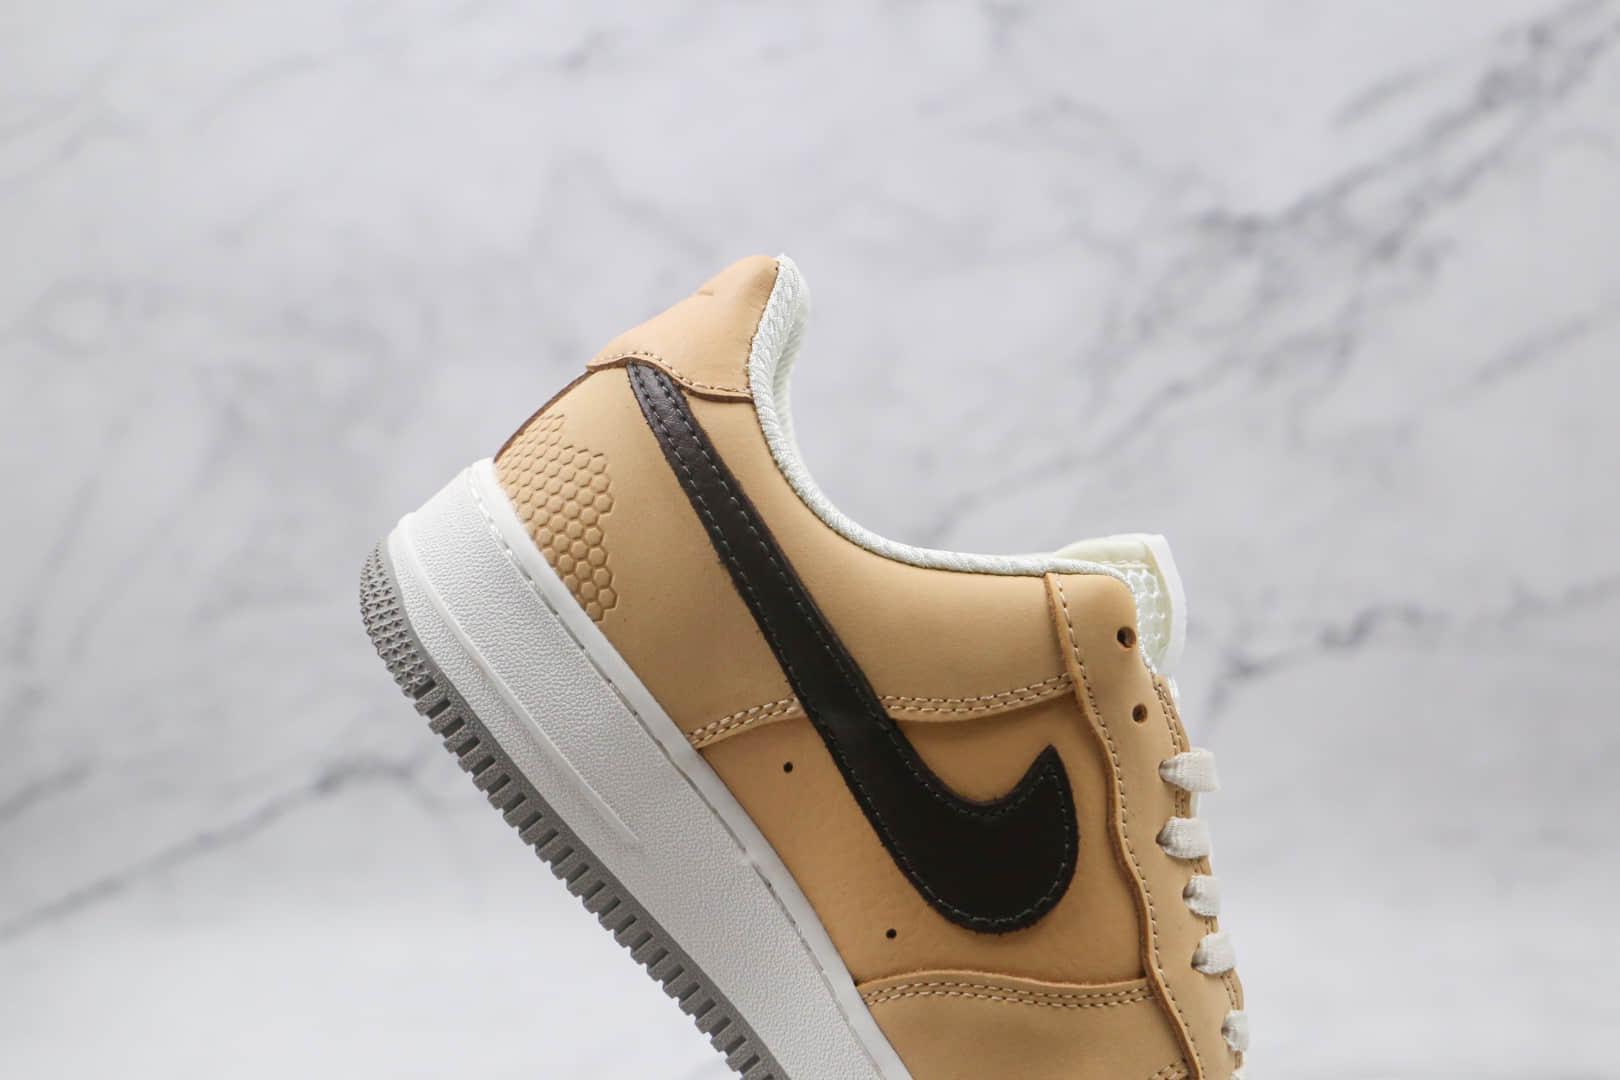 耐克Nike Air Force 1 Low Manchester Bee纯原版本低帮空军一号奶茶小蜜蜂板鞋内置全掌Sole气垫 货号:DC1939-200